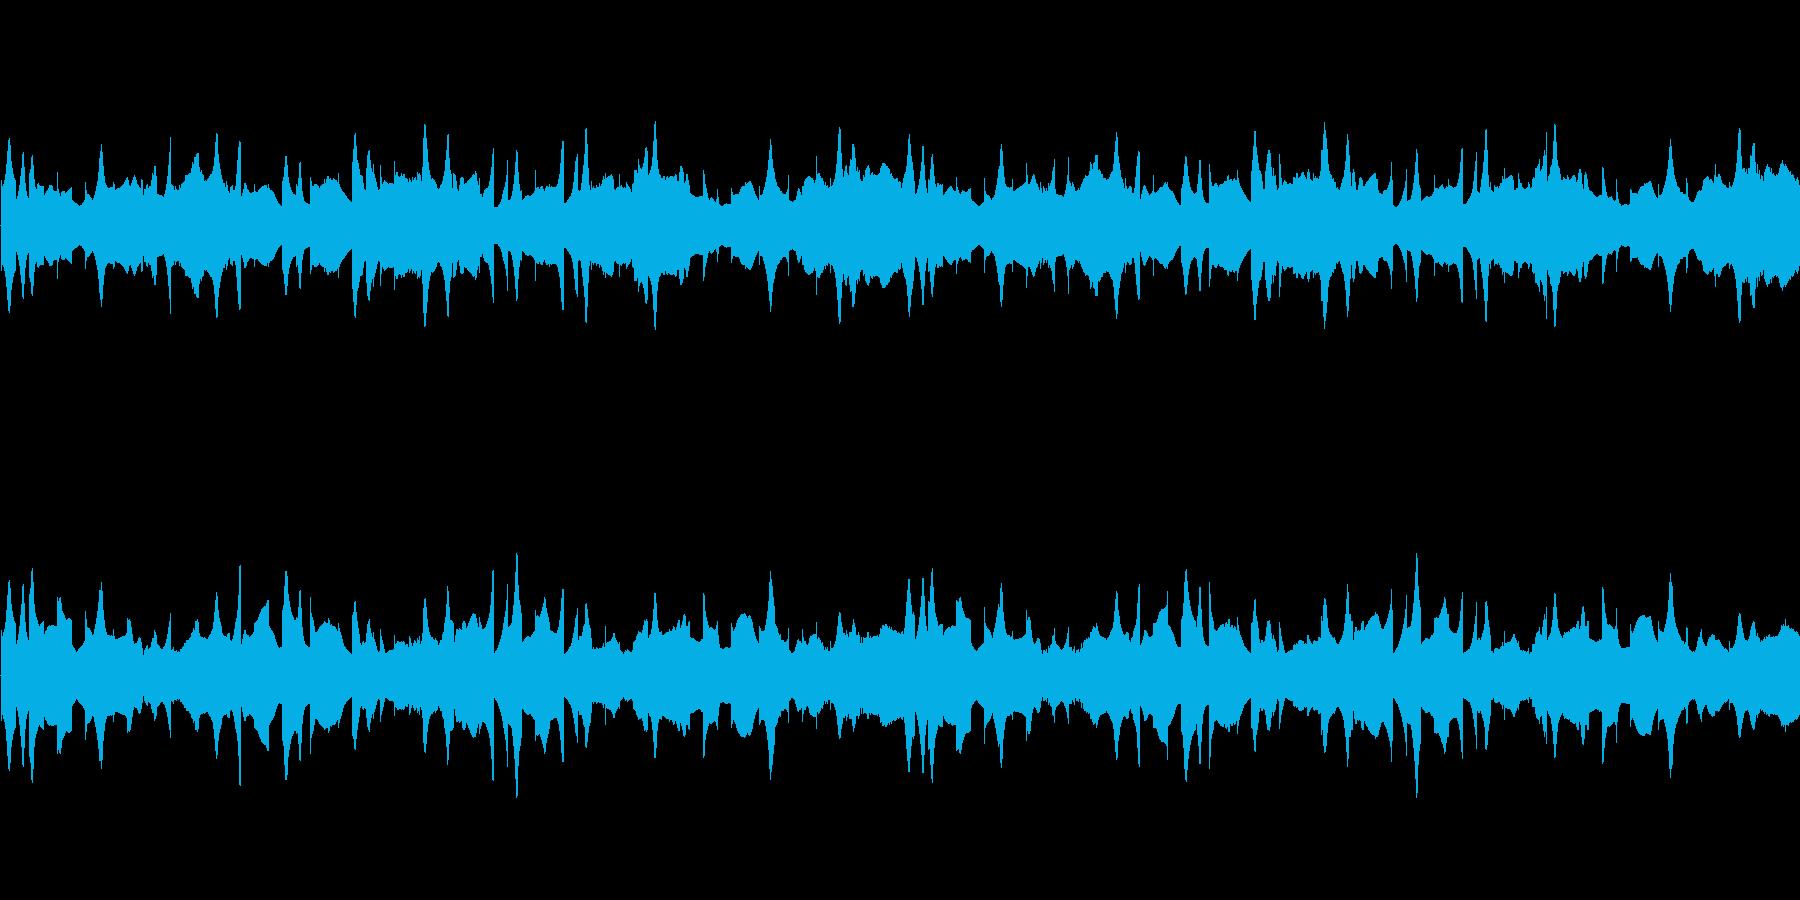 【宇宙との交信】の再生済みの波形